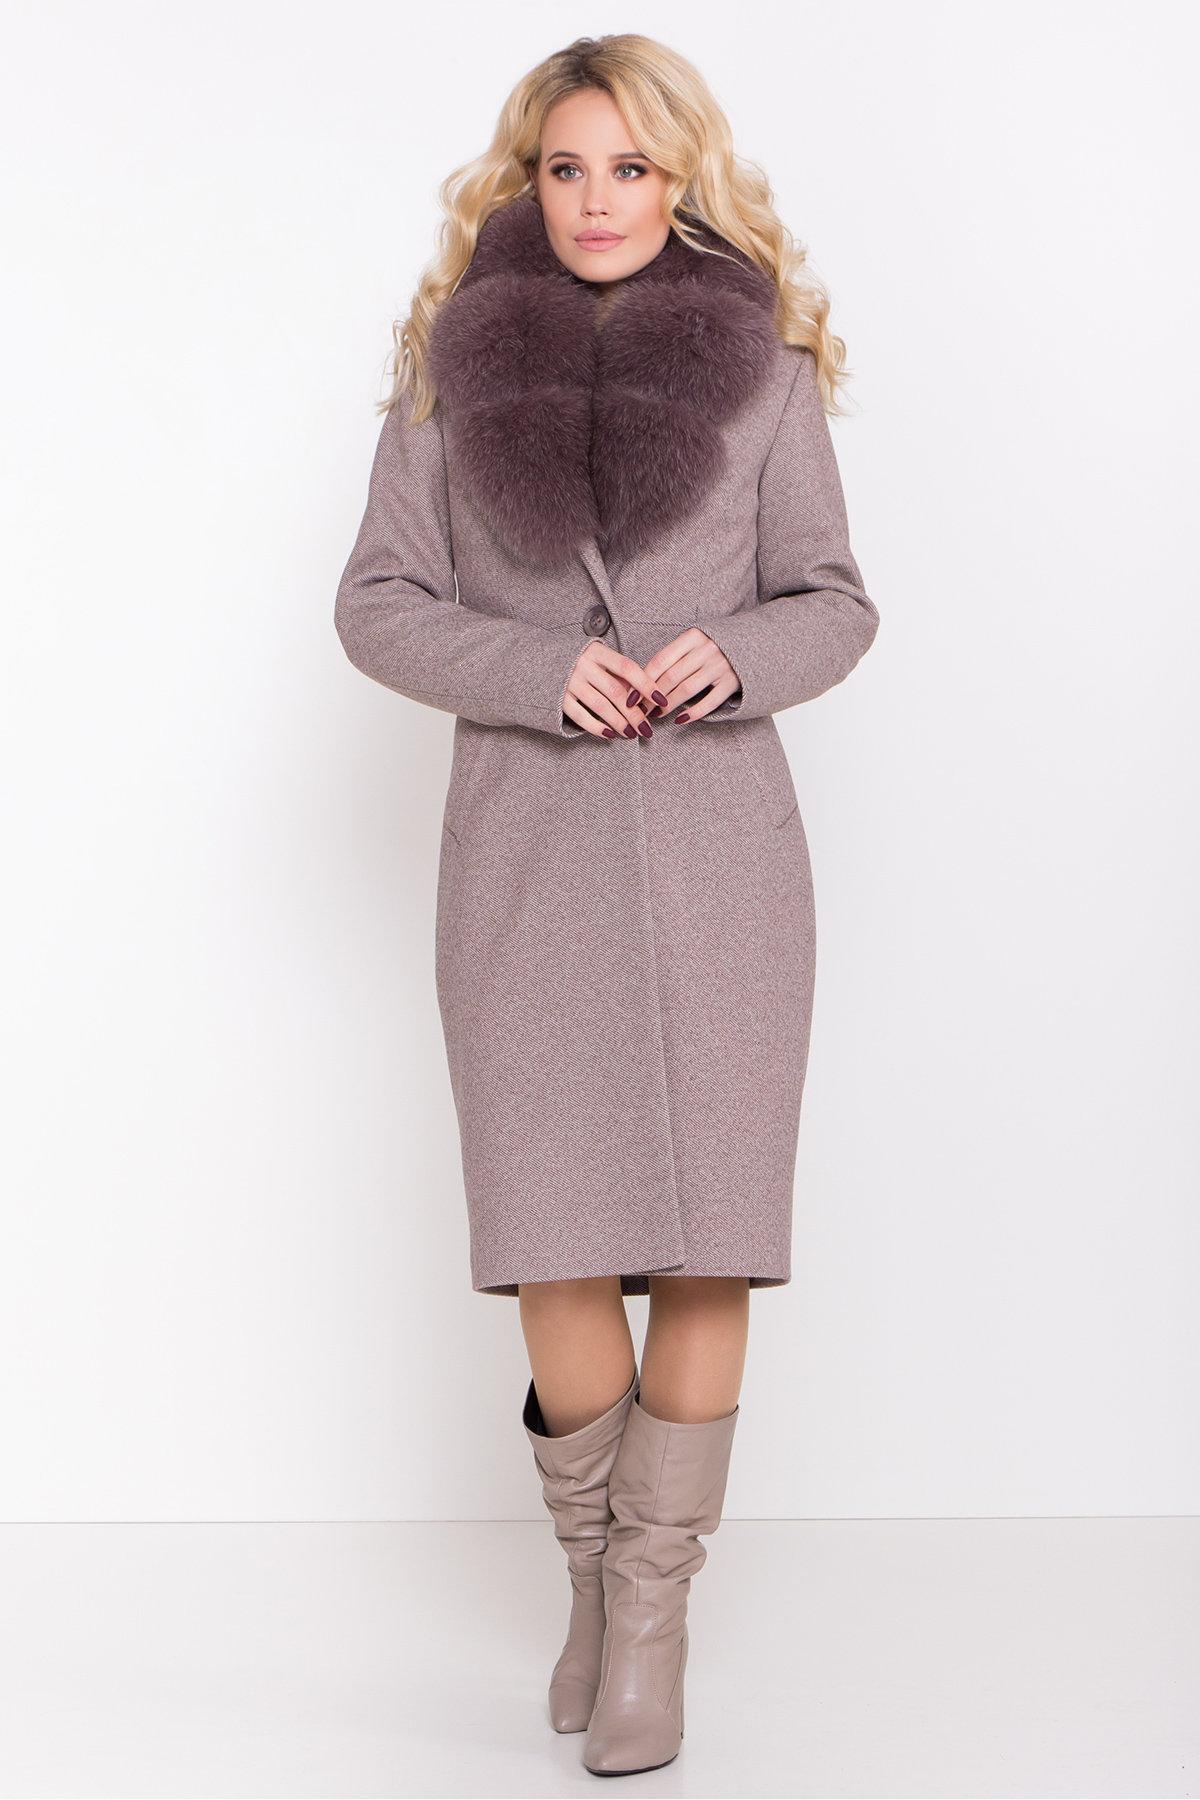 Зимнее пальто с роскошным воротником из песца Камила классик 8489 АРТ. 44779 Цвет: Шоколадный меланж - фото 3, интернет магазин tm-modus.ru